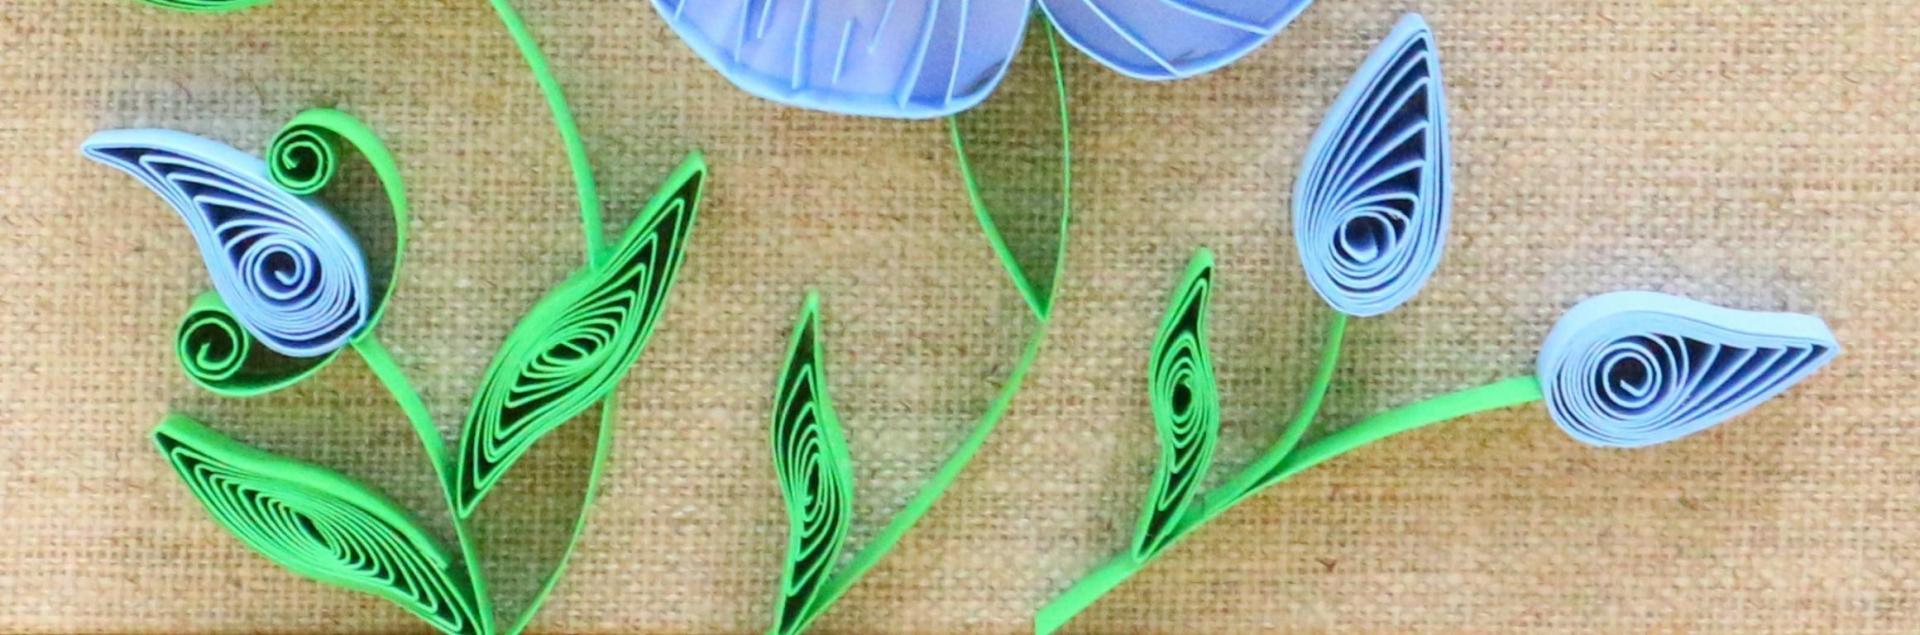 Modele quilling detail de feuille et bouton de fleur de lin 03